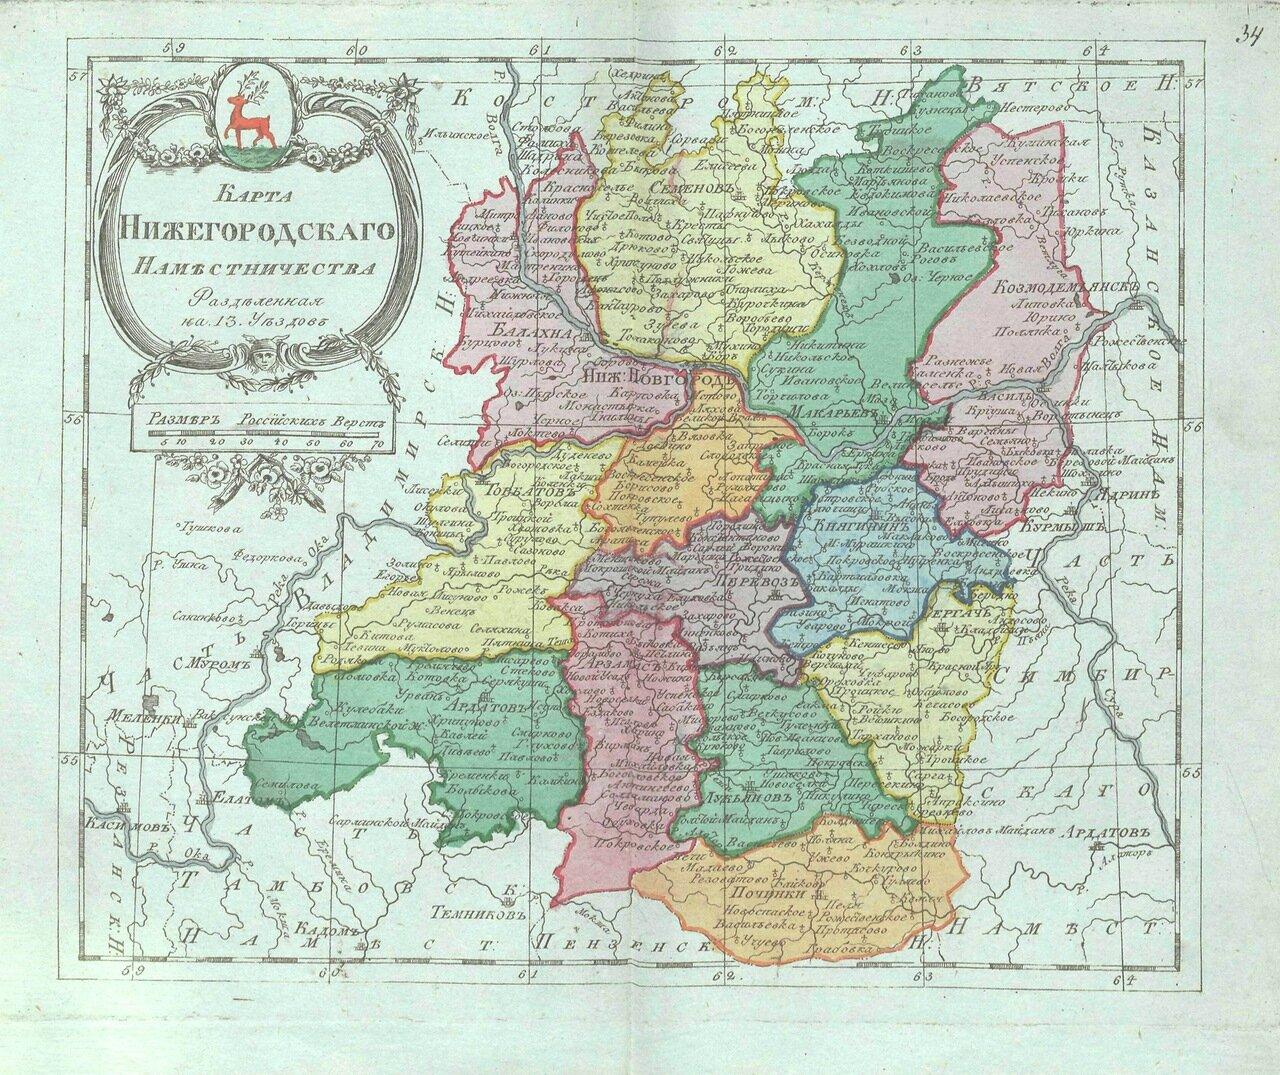 36. Карта Нижегородского наместничества